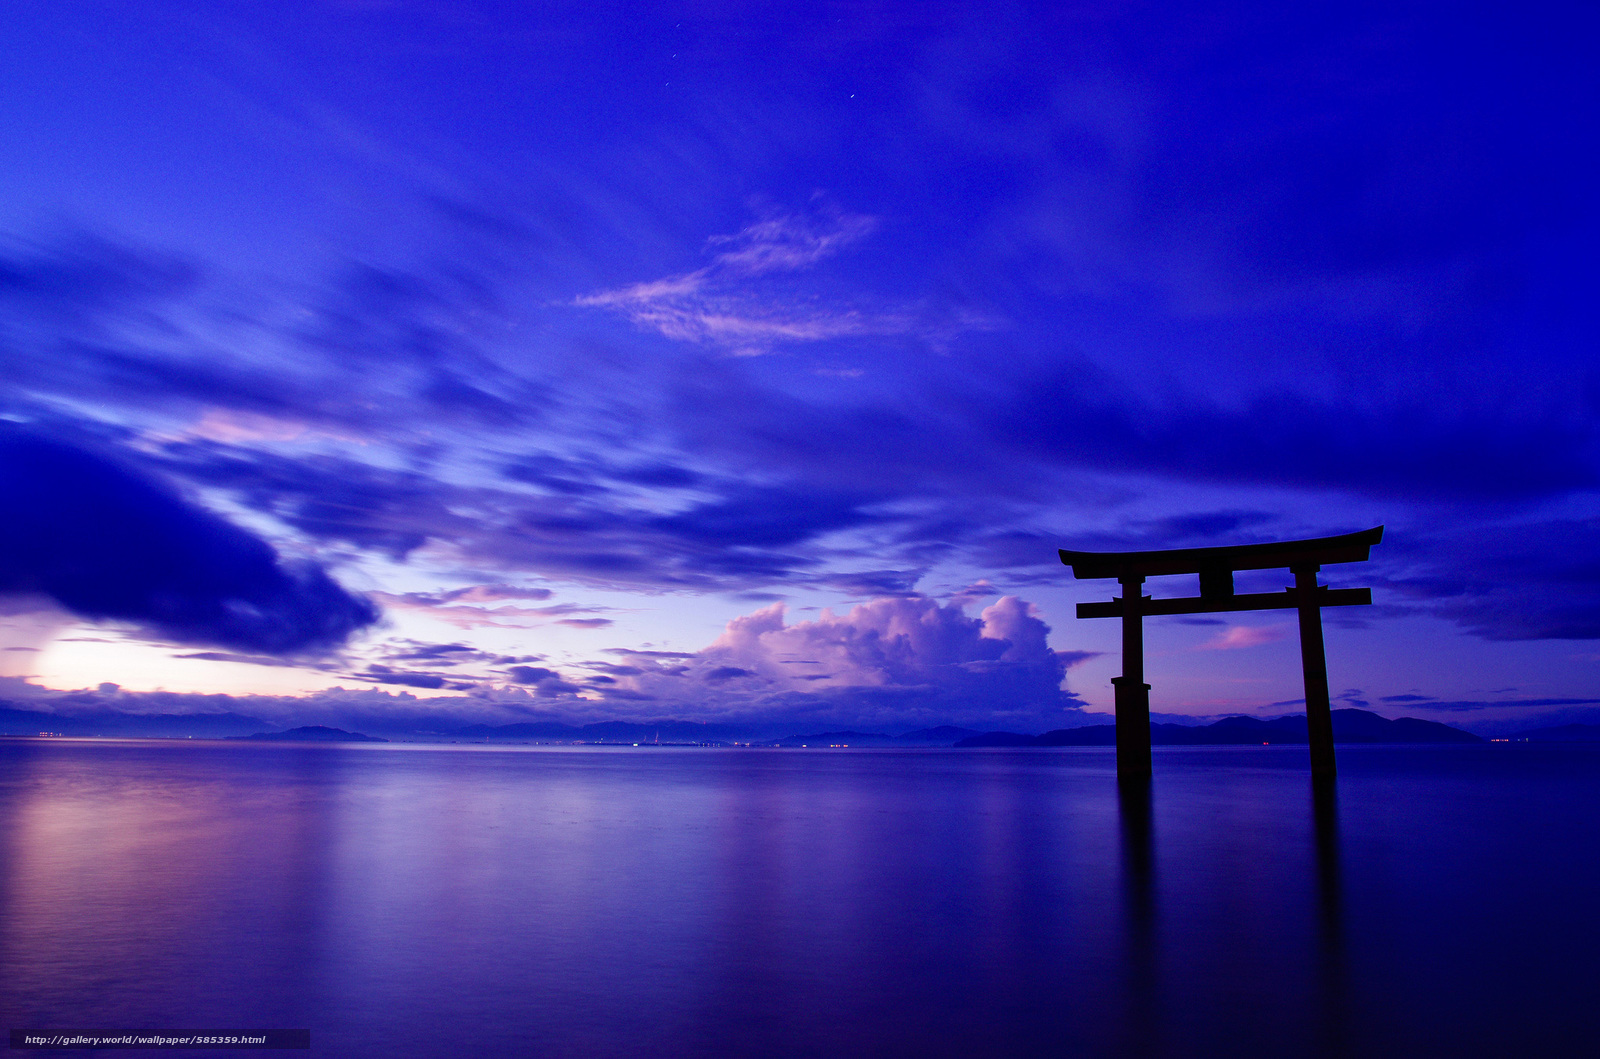 下载壁纸 天空, 门, 日本, 鸟居 免费为您的桌面分辨率的壁纸 2048x1